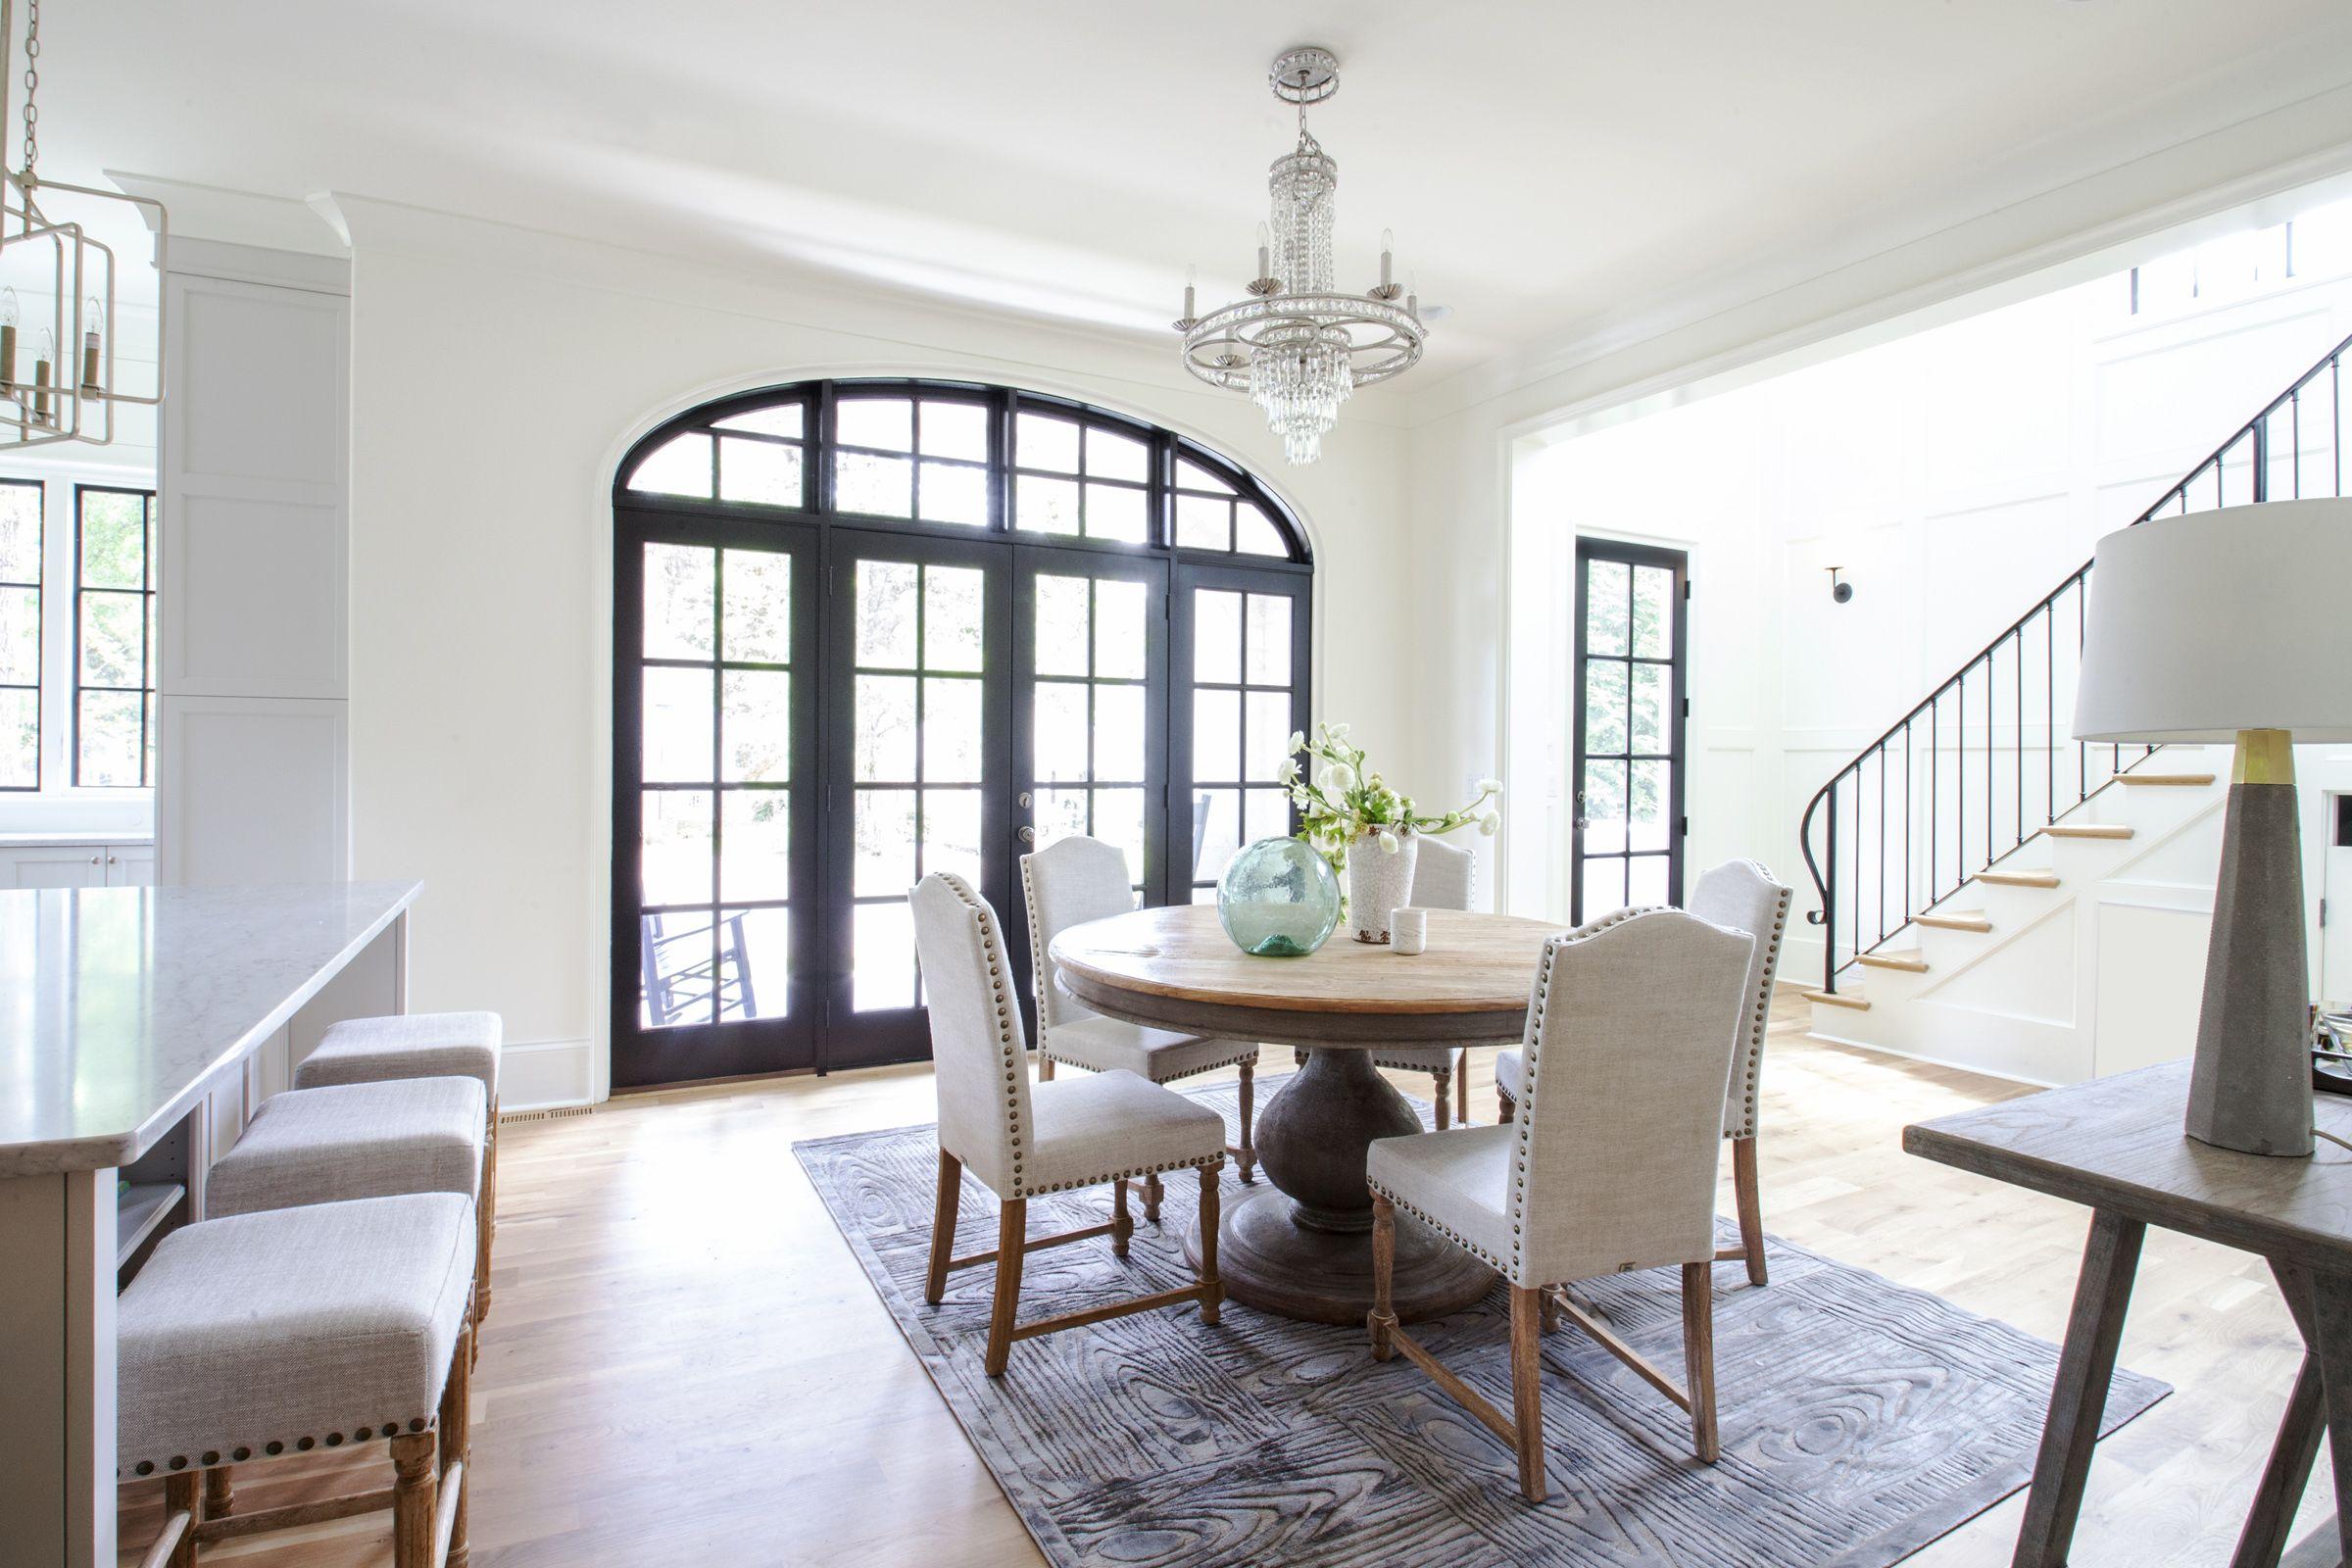 stilvoll gestaltete esszimmer stehen hoch im trend, interior design by lisa sherry interieurs, Innenarchitektur